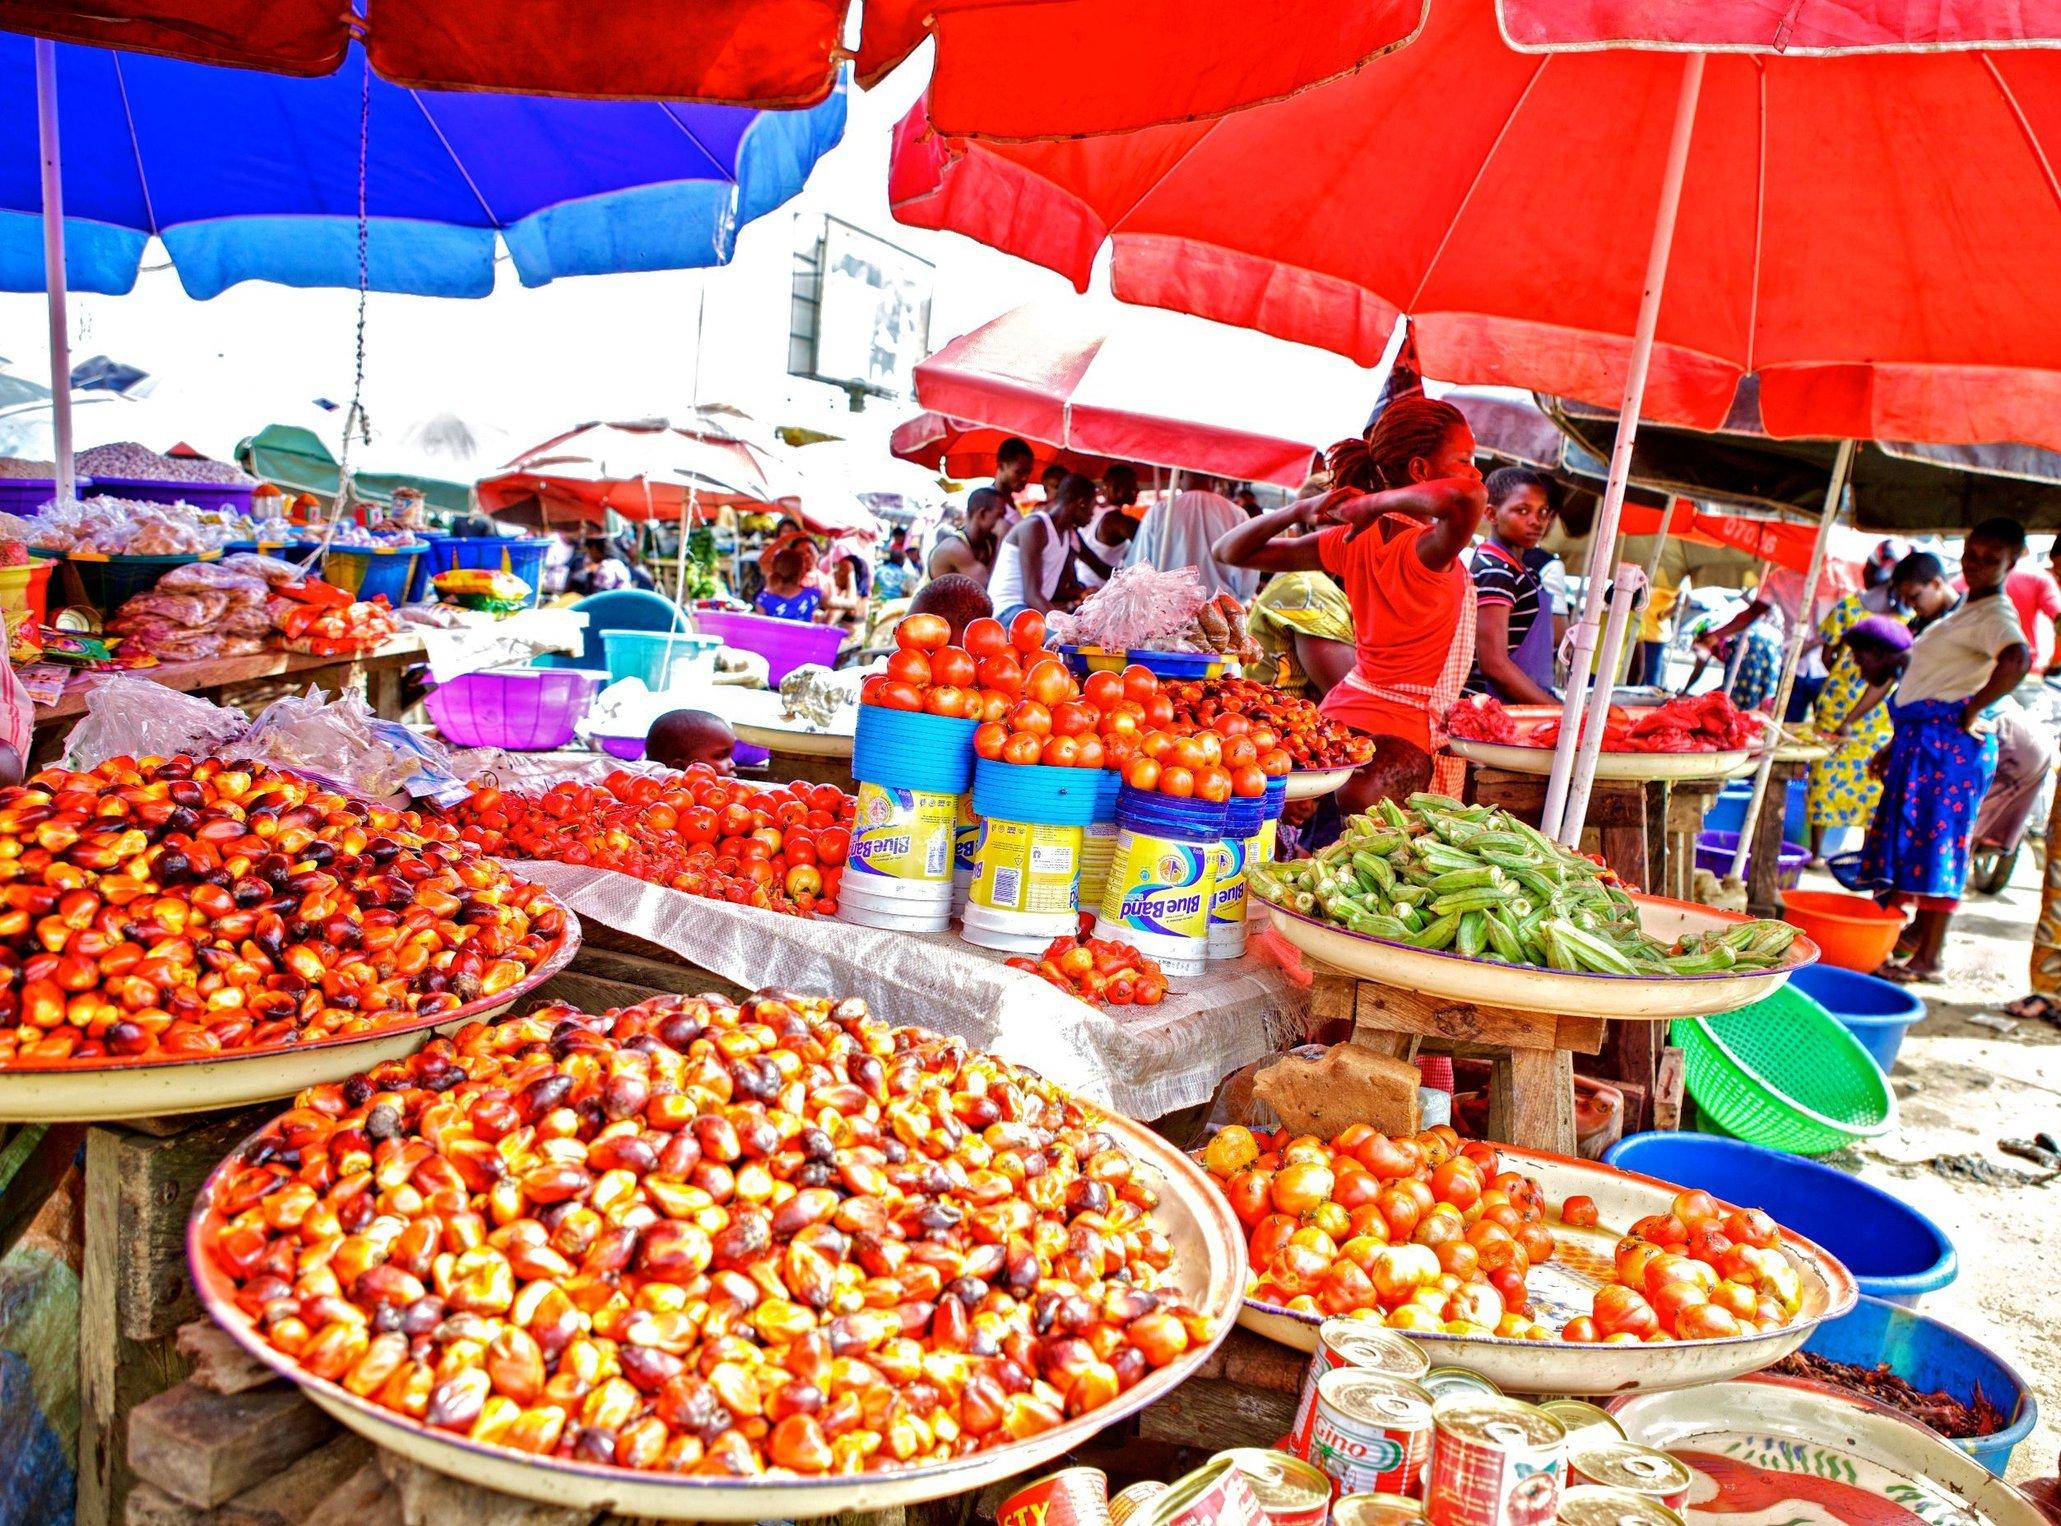 Bright colors at the Market - Niger Delta, Nigeria